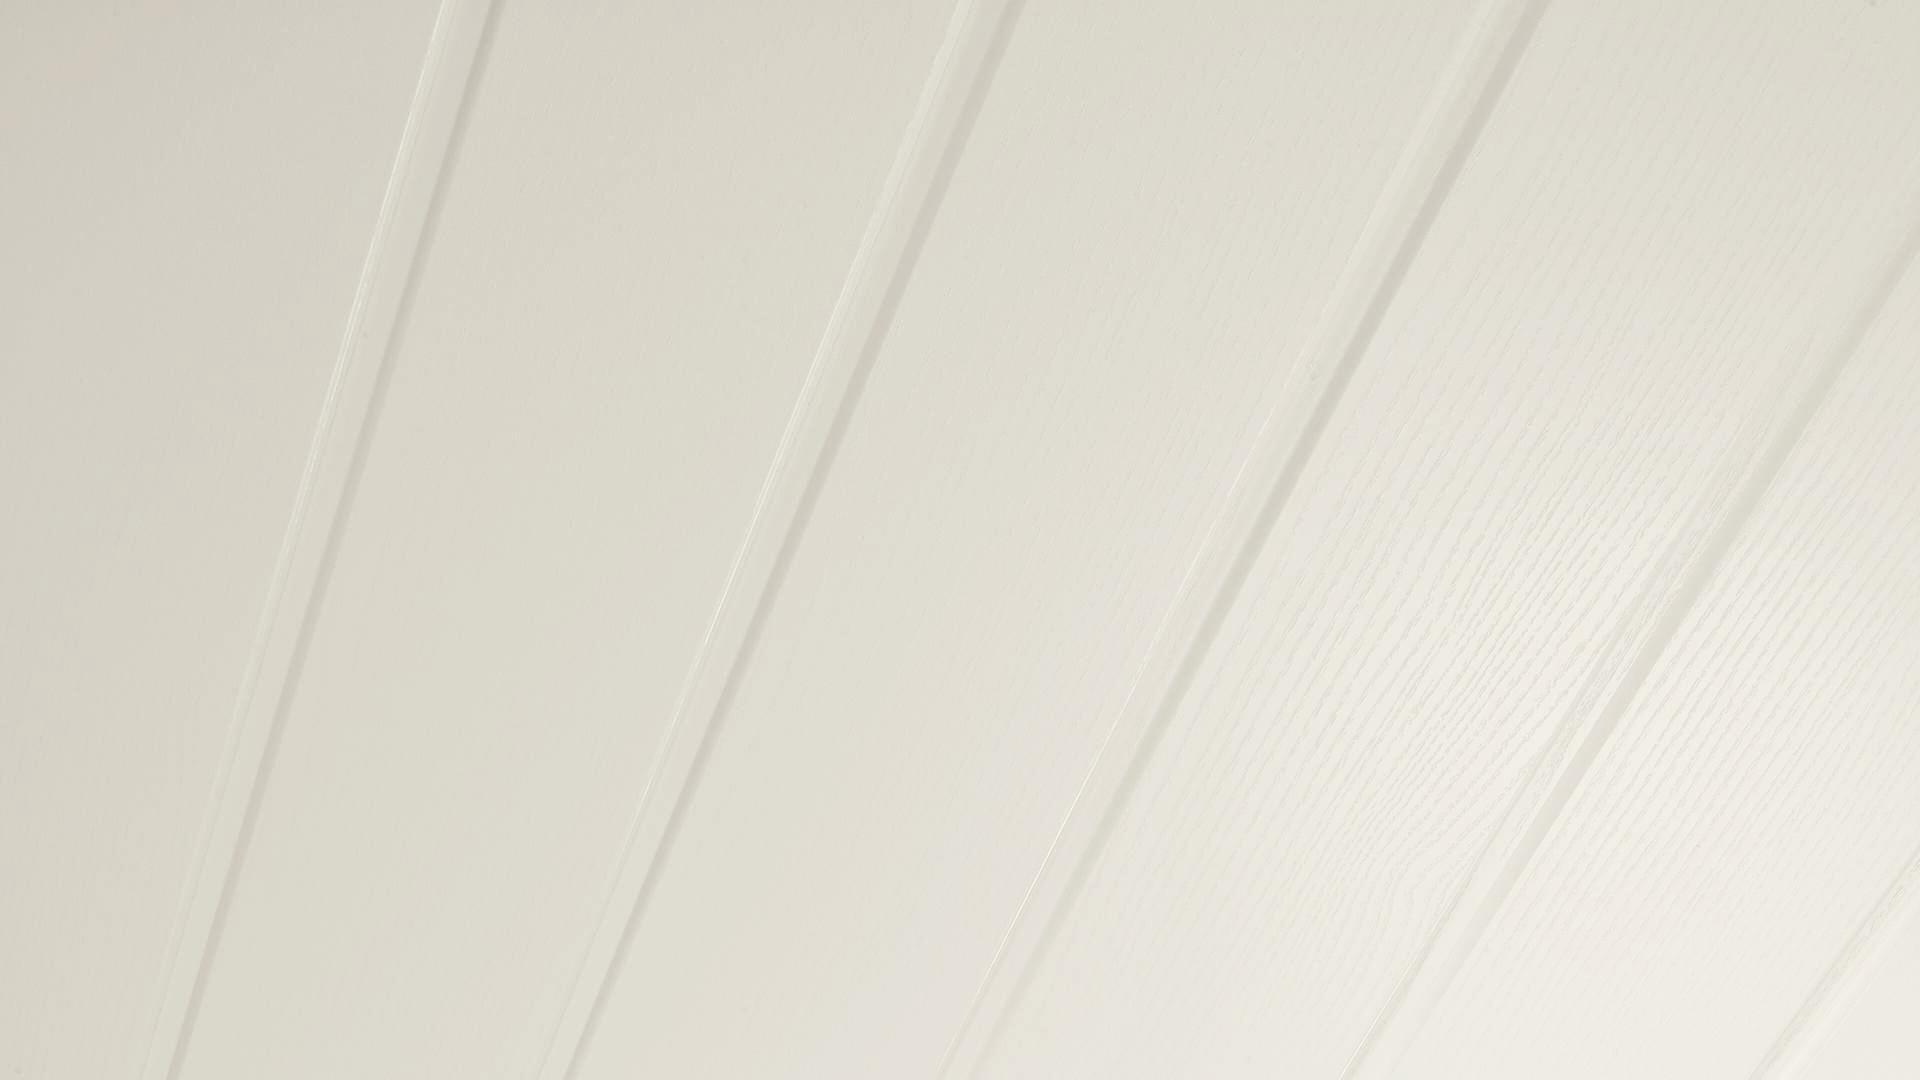 Dekorpaneele Terra DP 150 Classic-Weiß 087